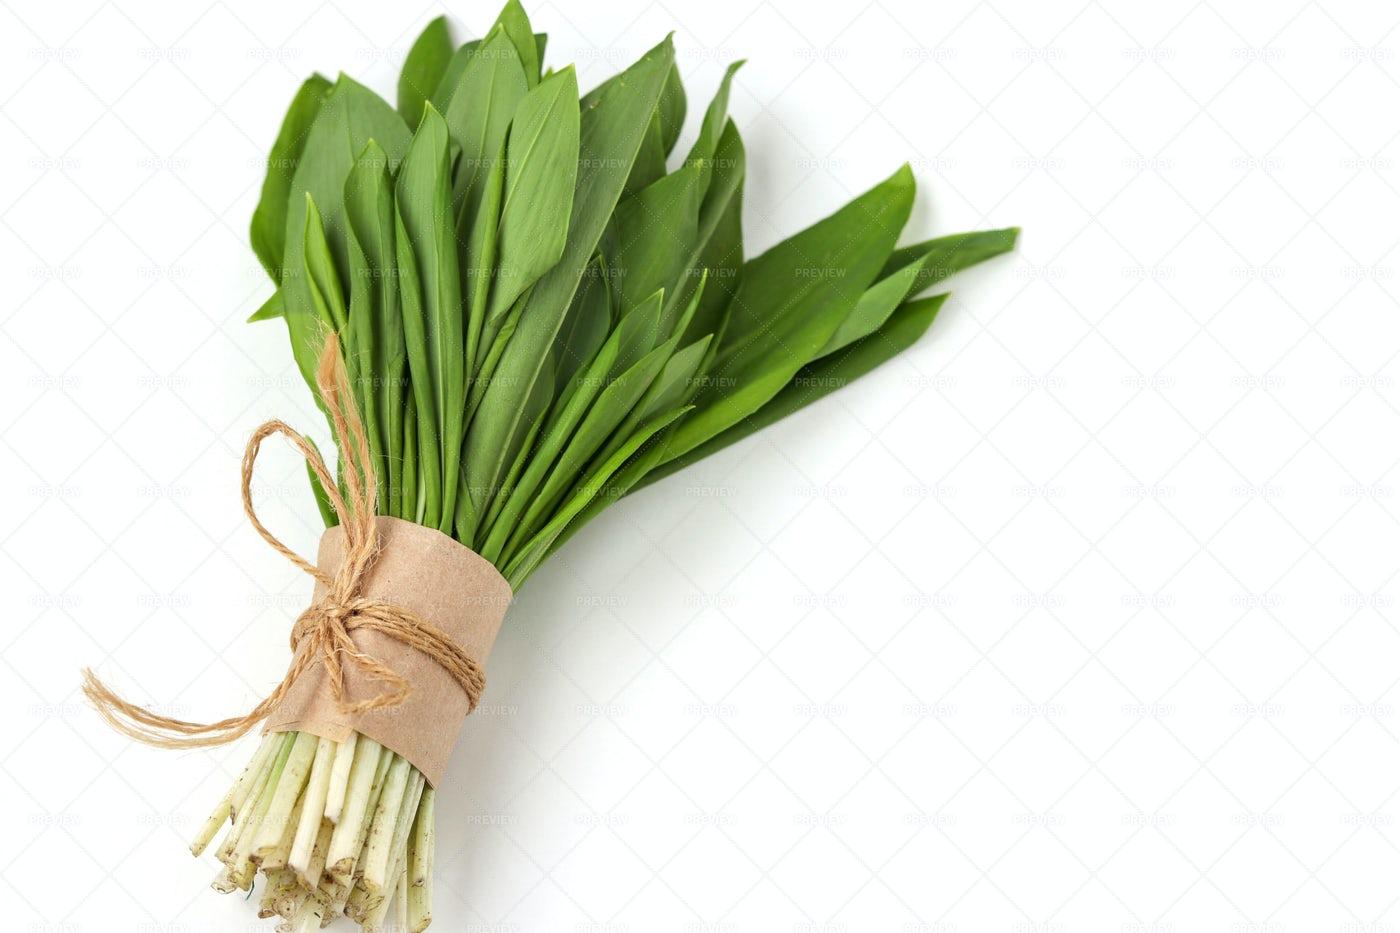 Ramson Wild Garlic: Stock Photos